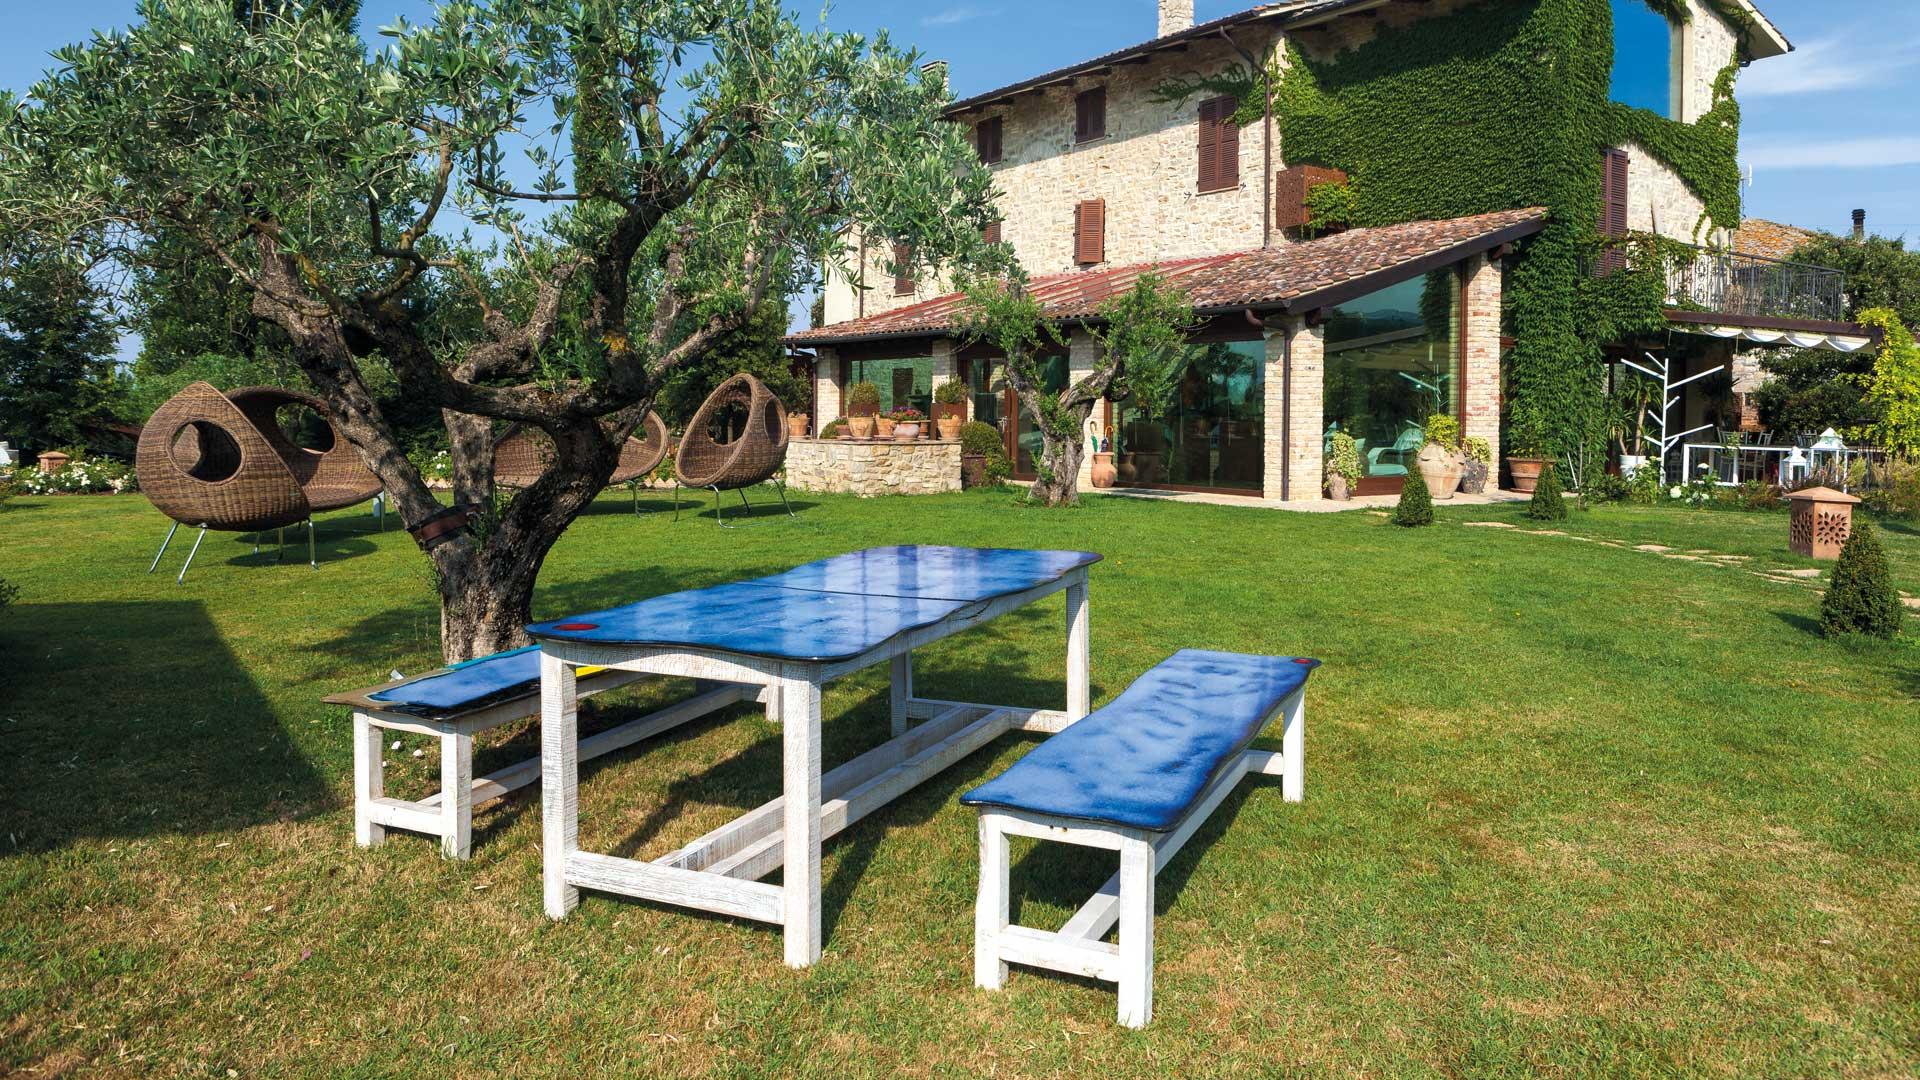 Woody - Tavoli - Domiziani - Pietra lavica design ...